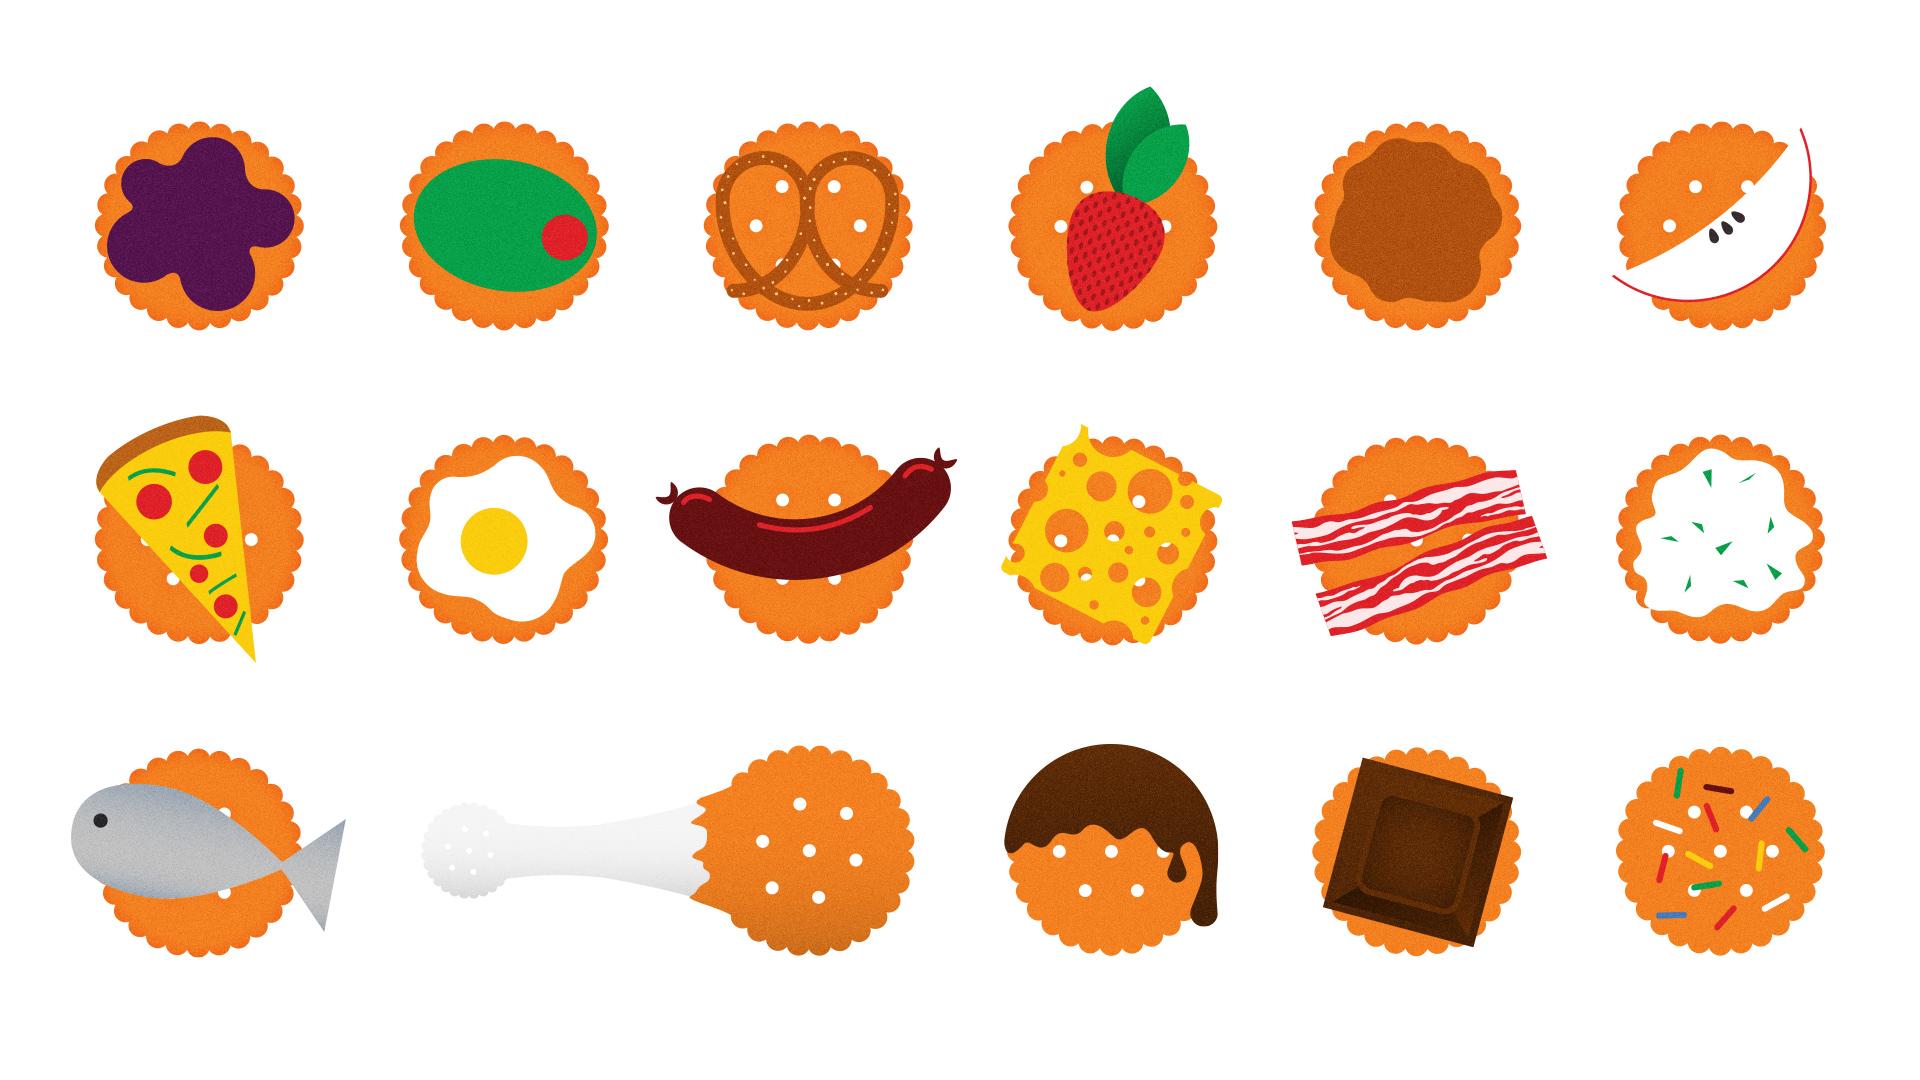 ritz_crackers_flavors_03.jpg